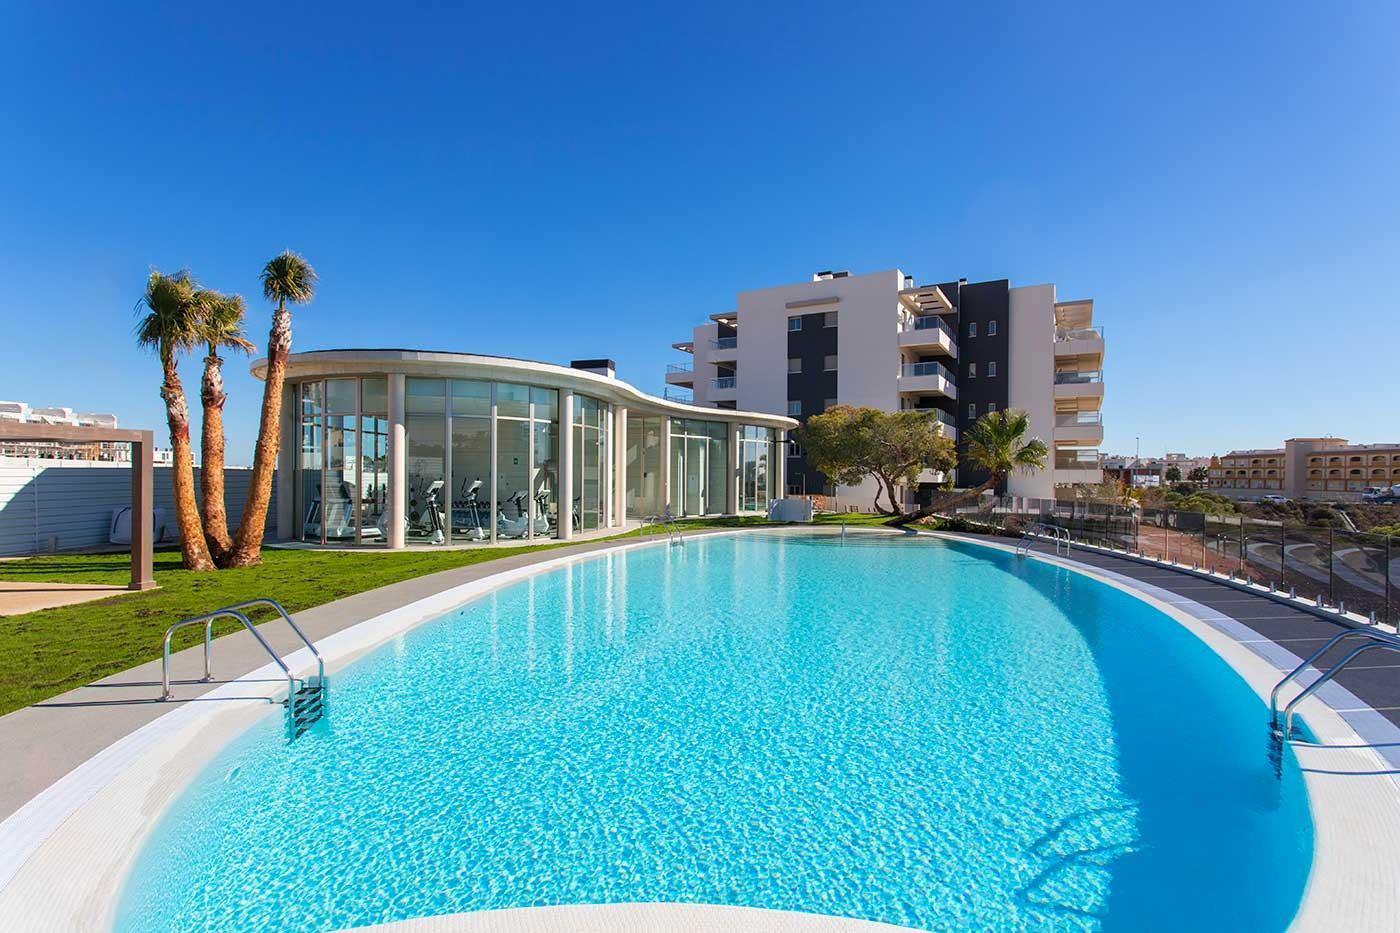 Complejo de estilo moderno con apartamentos de 2,3 dormitorios y 2 baños con amplias terra - imagenInmueble14